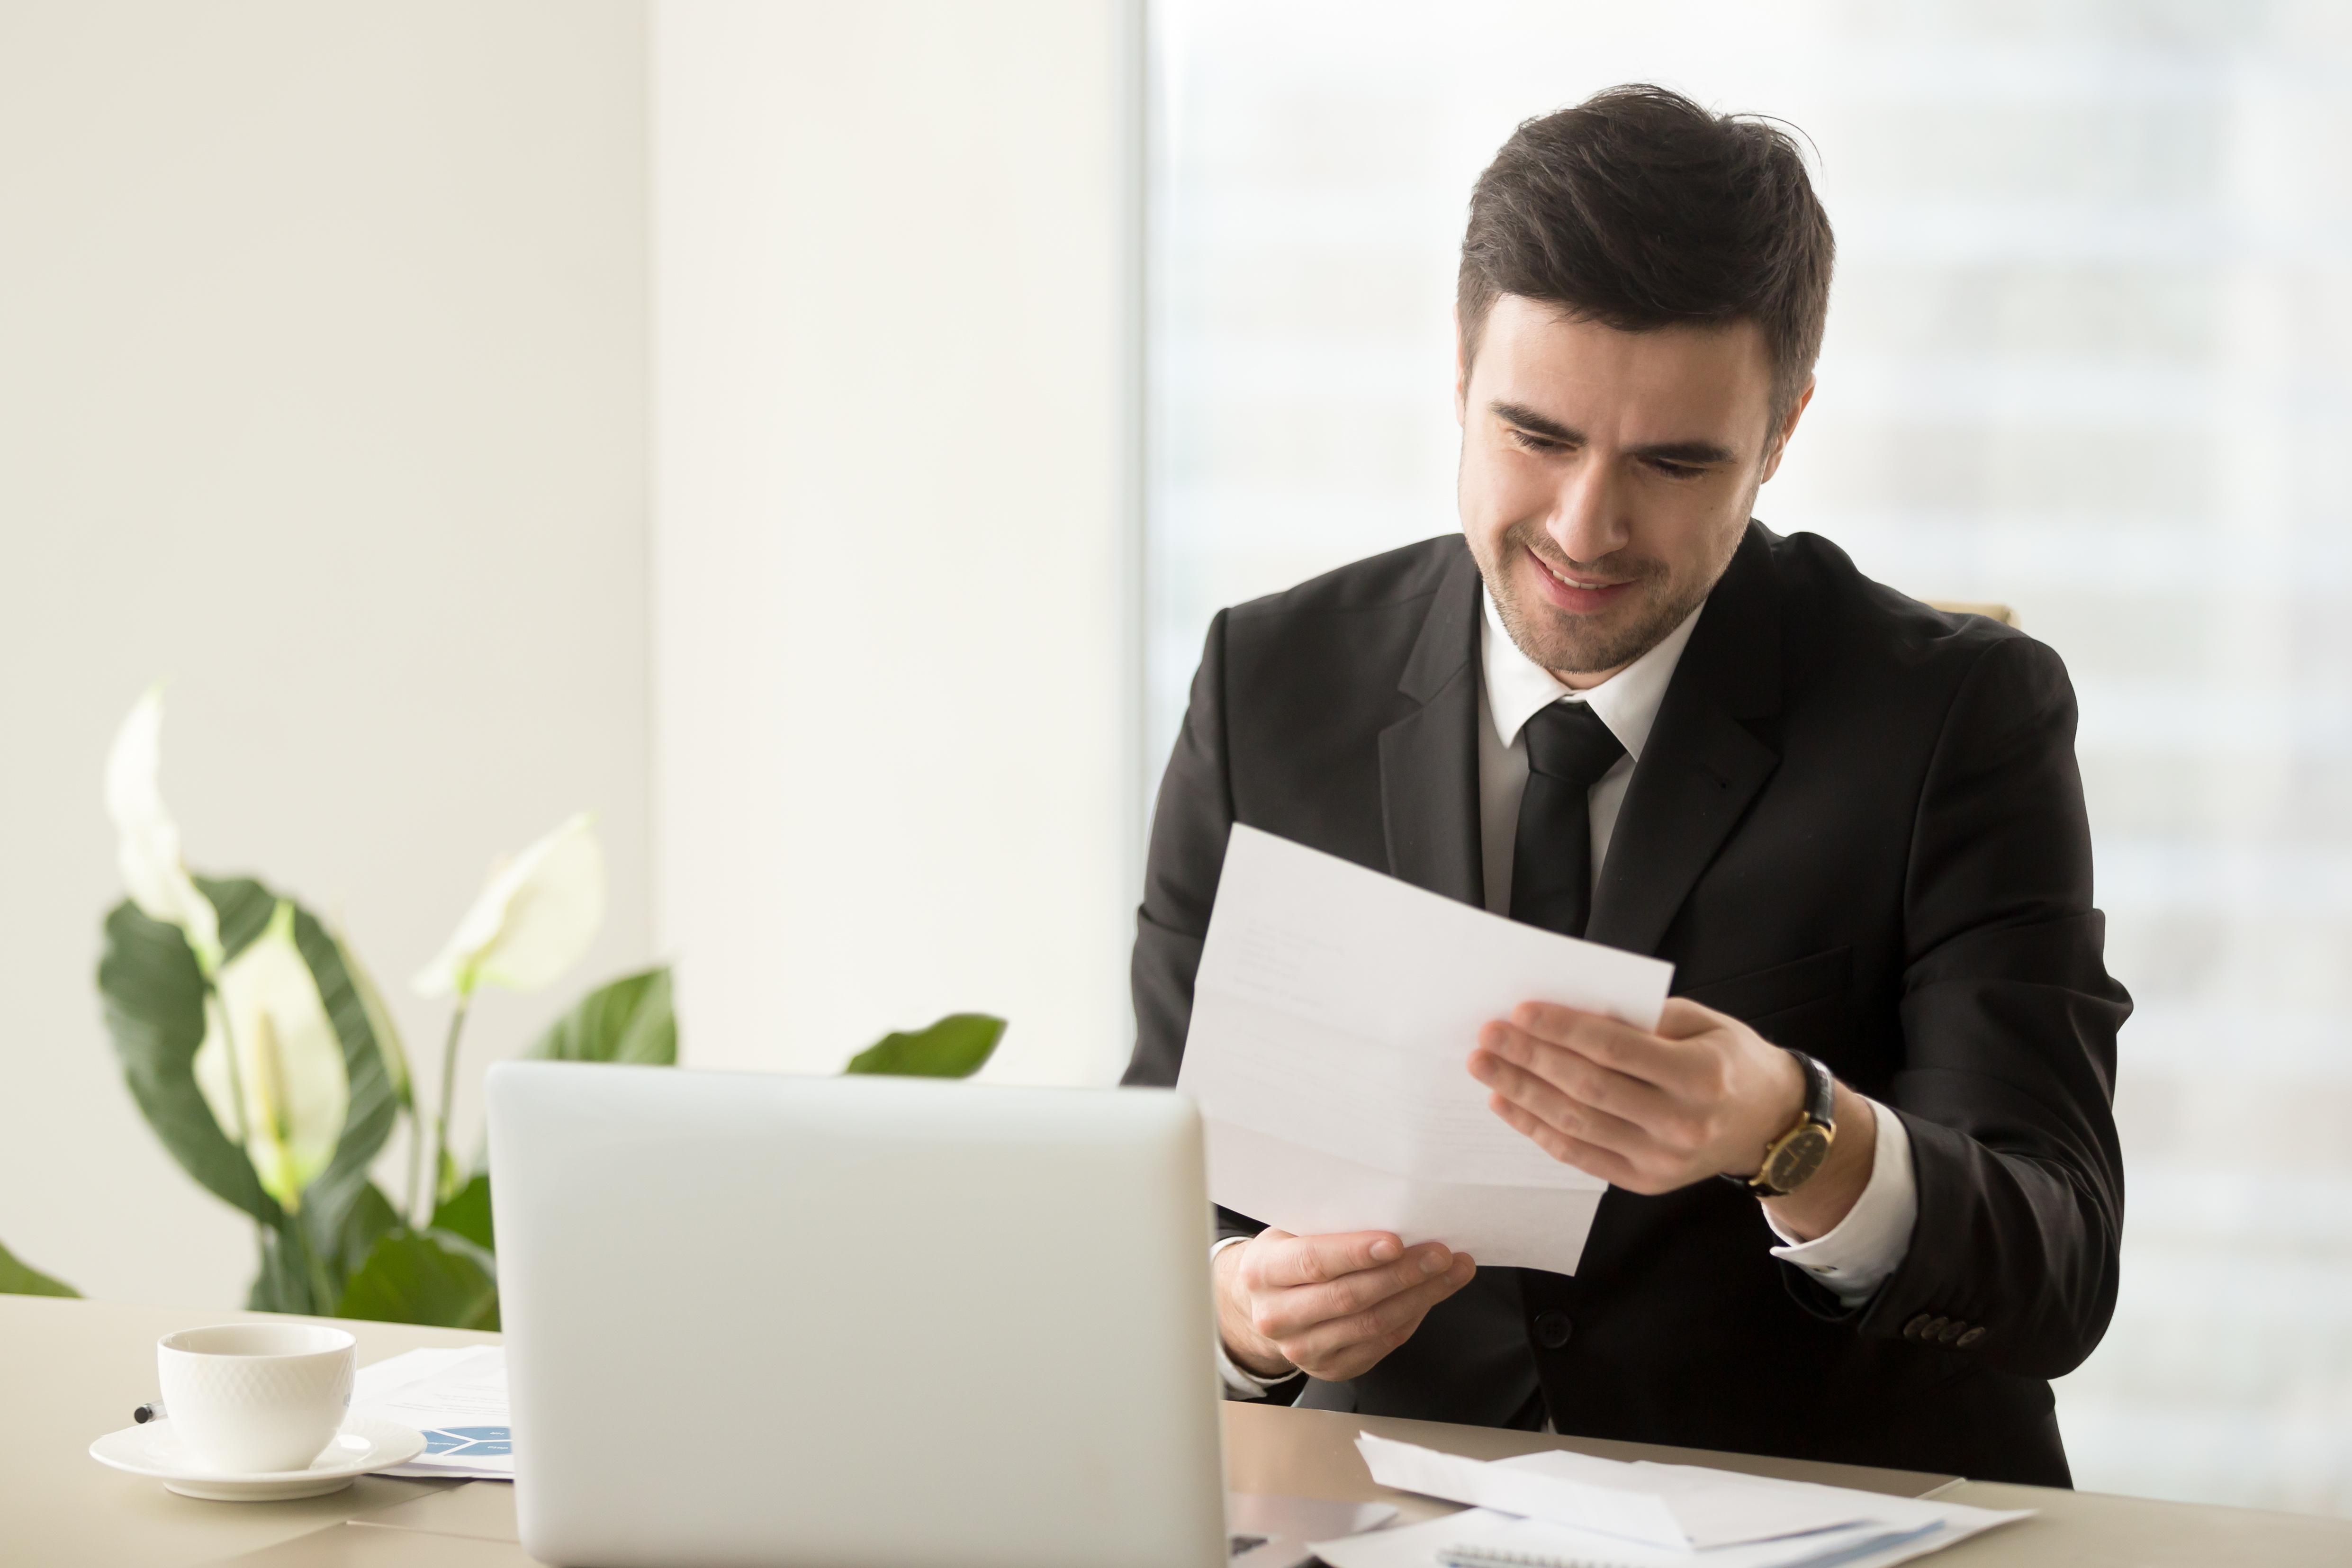 Good Reasons to Request an Internal Job Transfer | Bizfluent